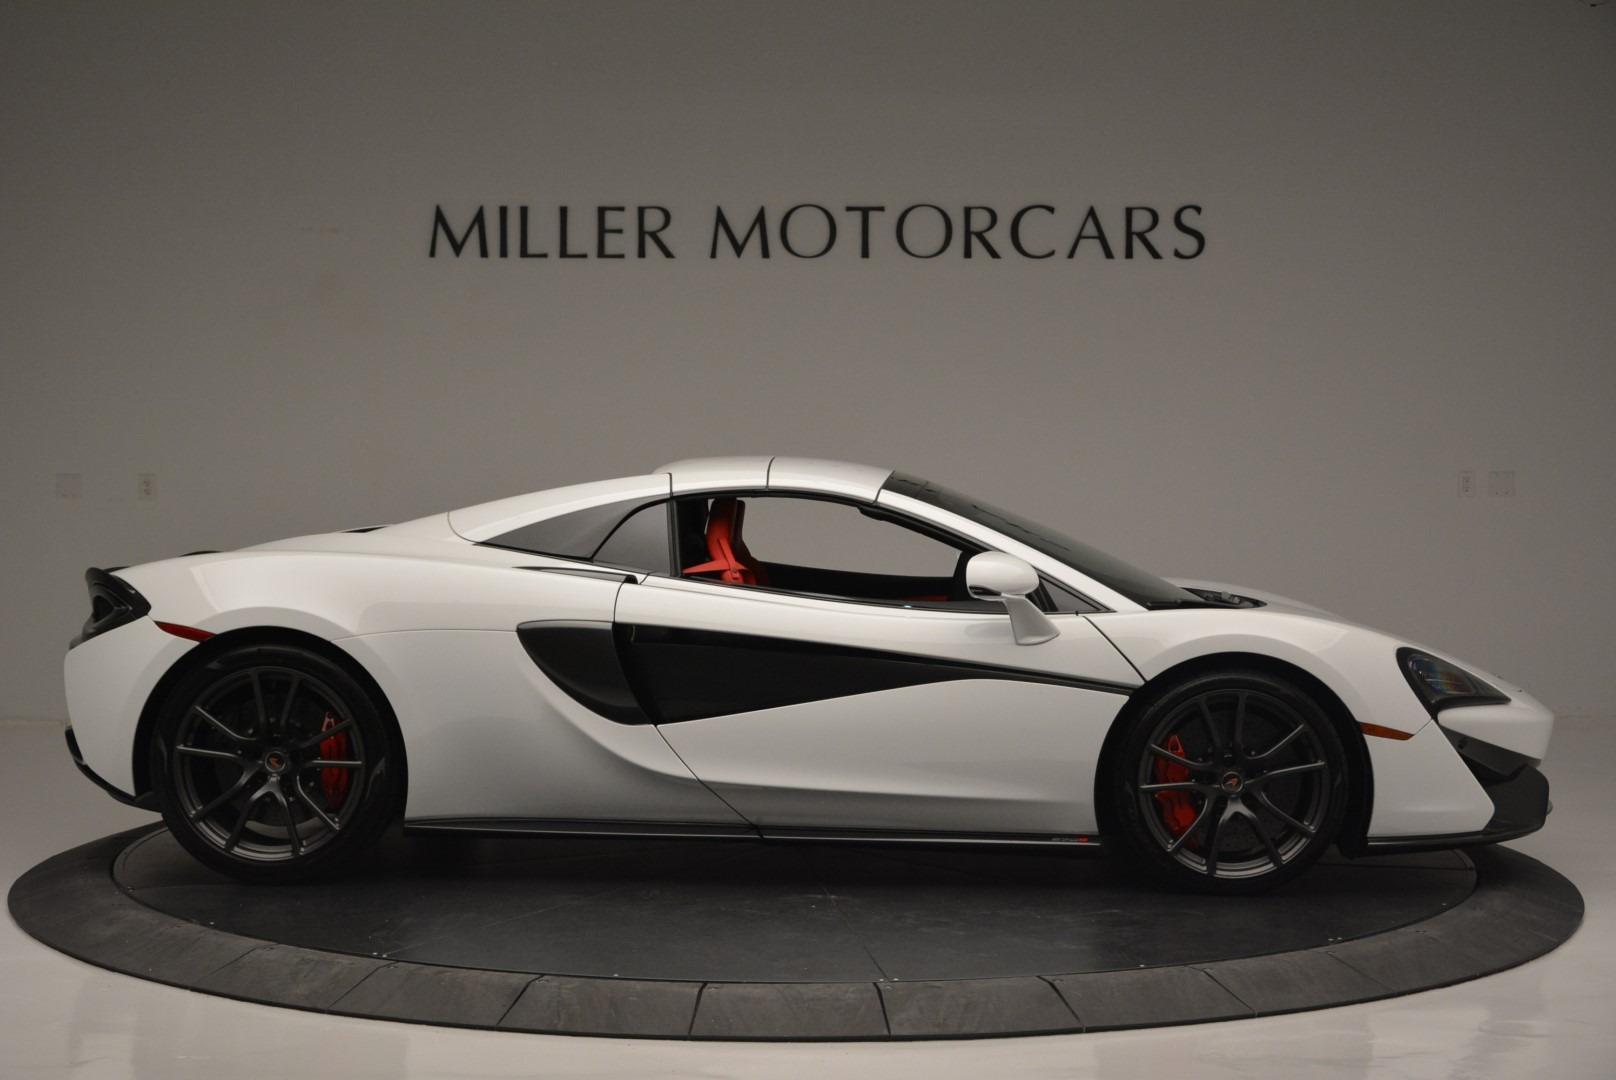 Used 2018 McLaren 570S Spider For Sale In Westport, CT 2341_p19